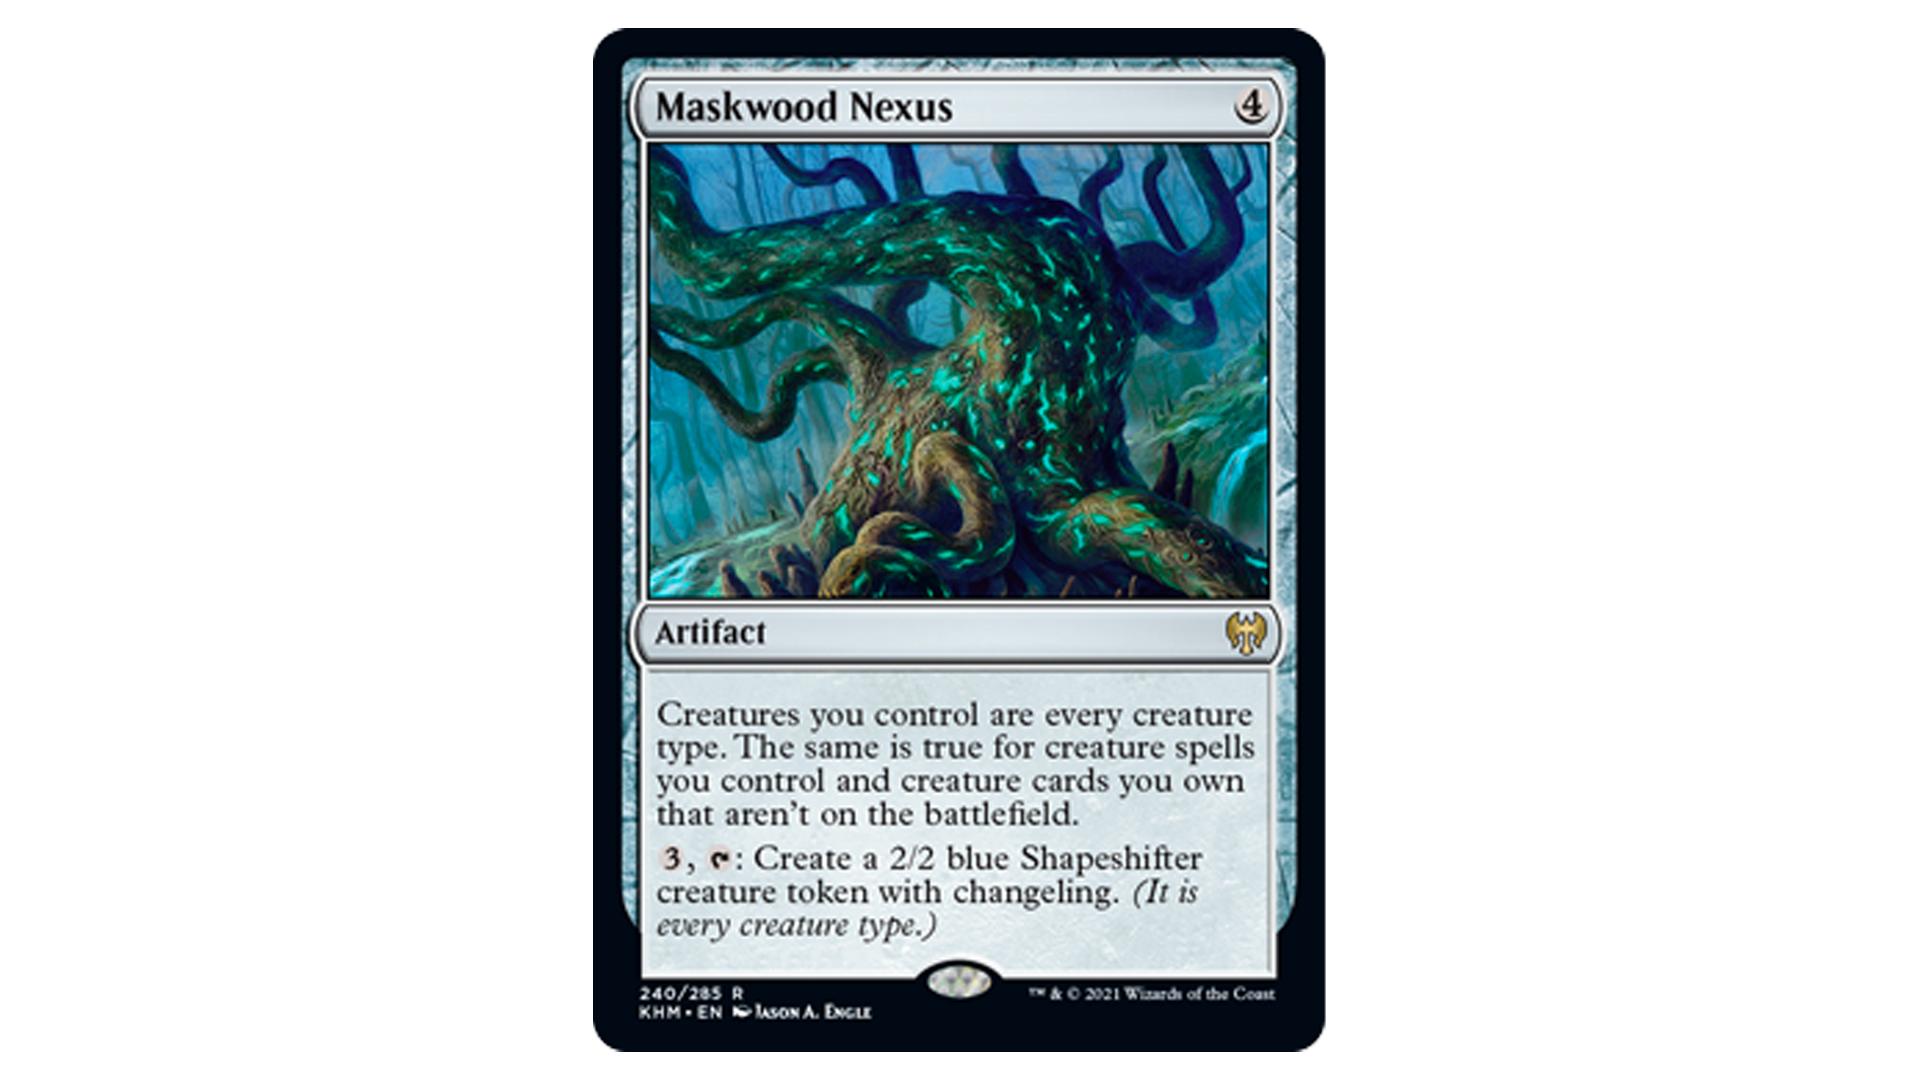 mtg-kaldheim-maskwood-nexus.png